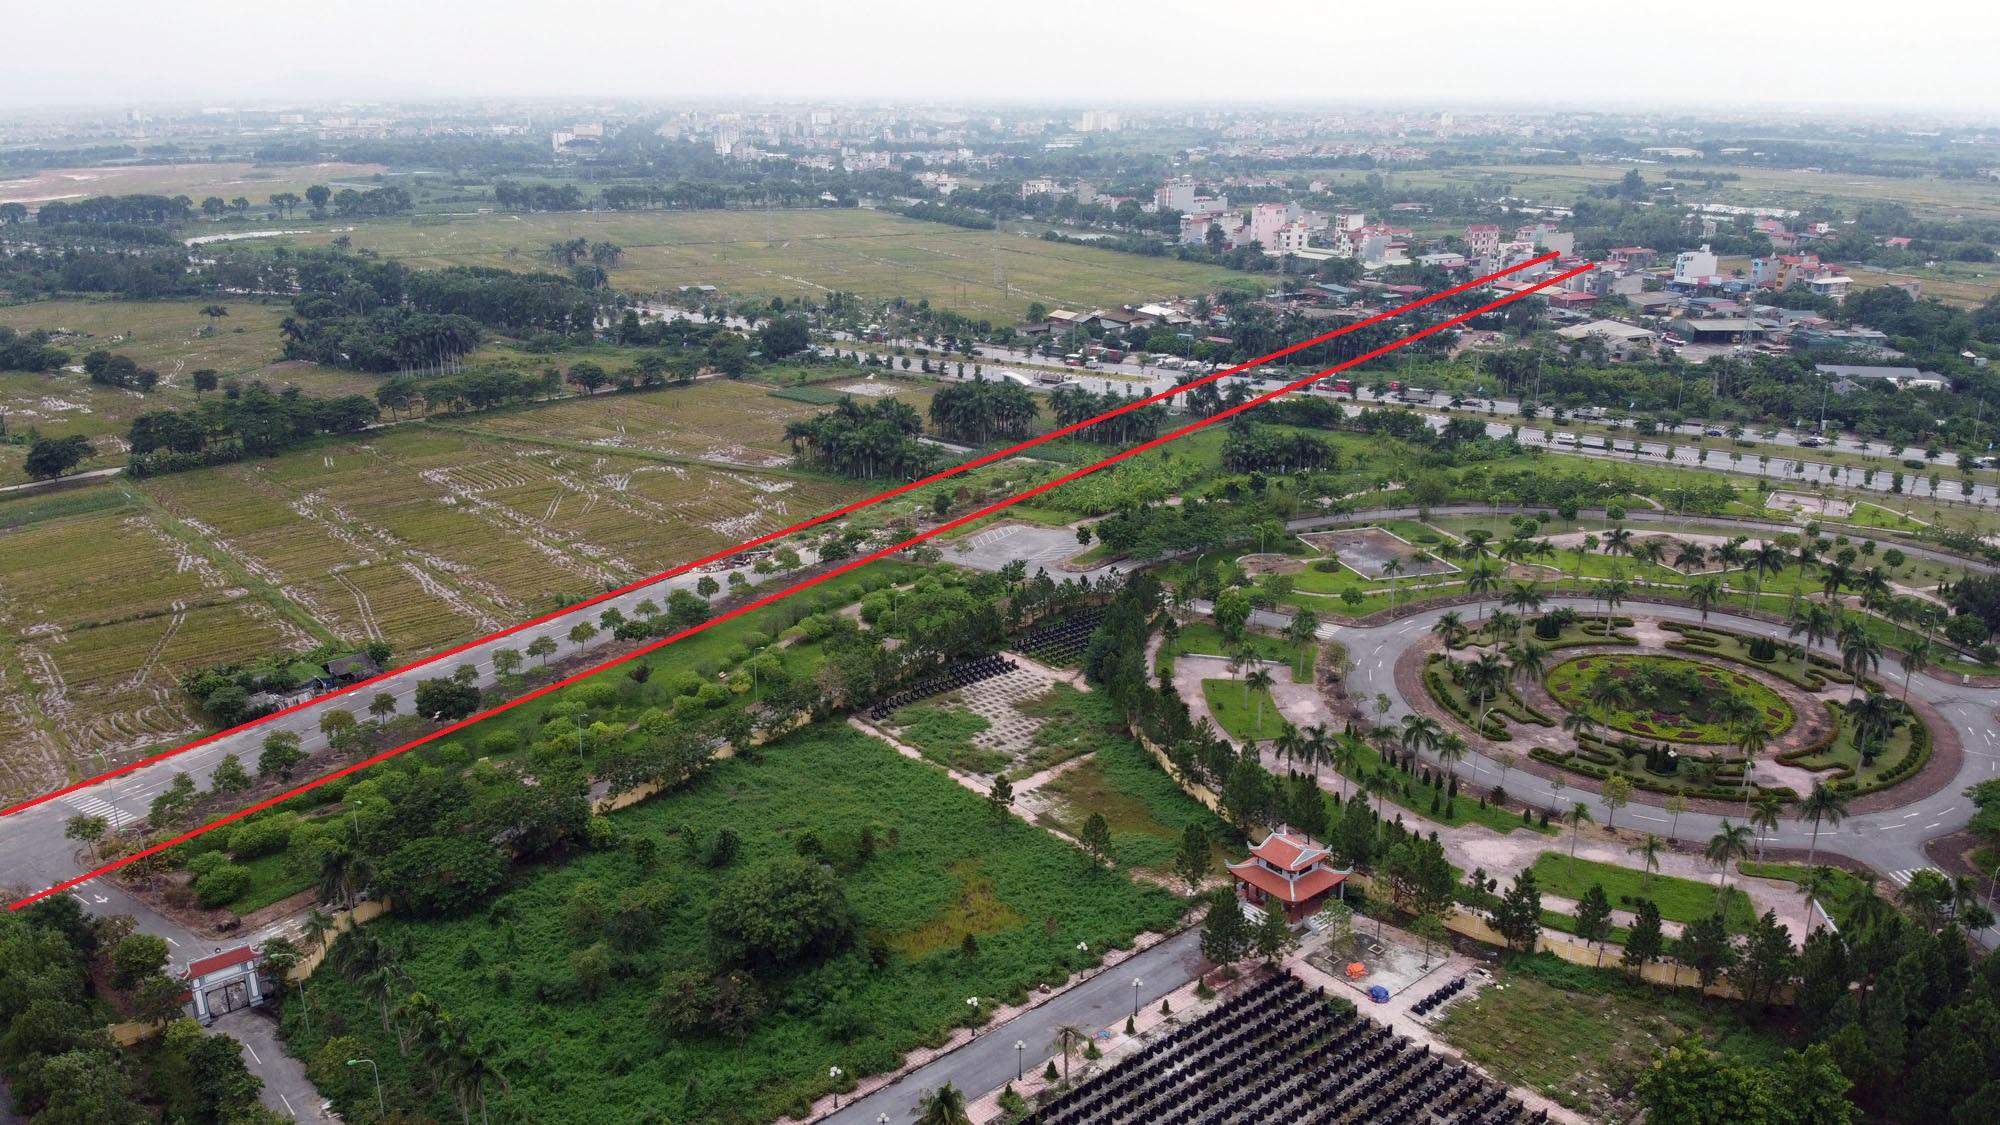 Ba đường sẽ mở theo qui hoạch ở xã Vĩnh Ngọc, Đông Anh, Hà Nội - Ảnh 11.